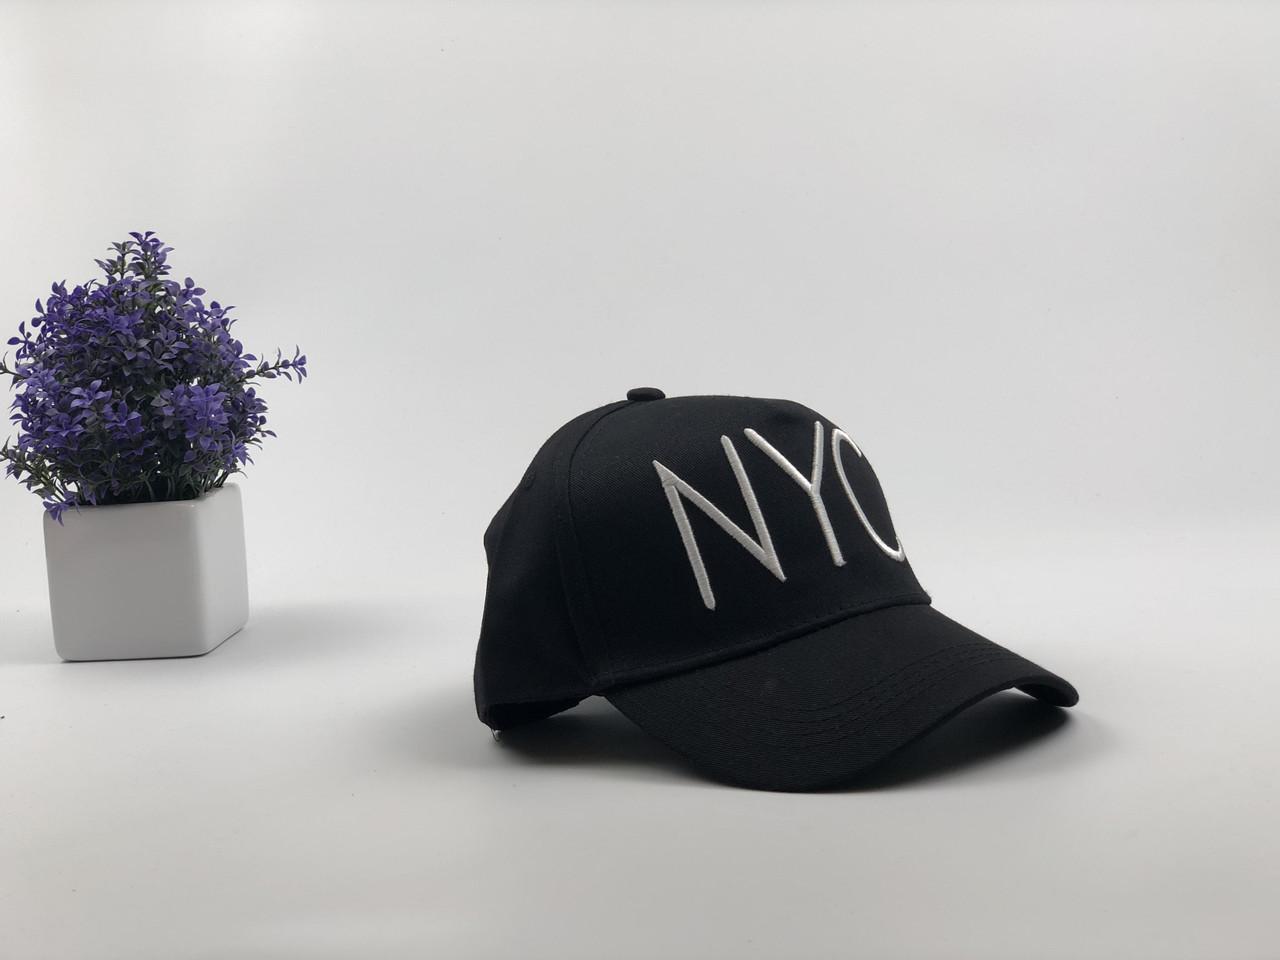 Кепка Бейсболка Мужская Женская City-A с надписью NYC Черная